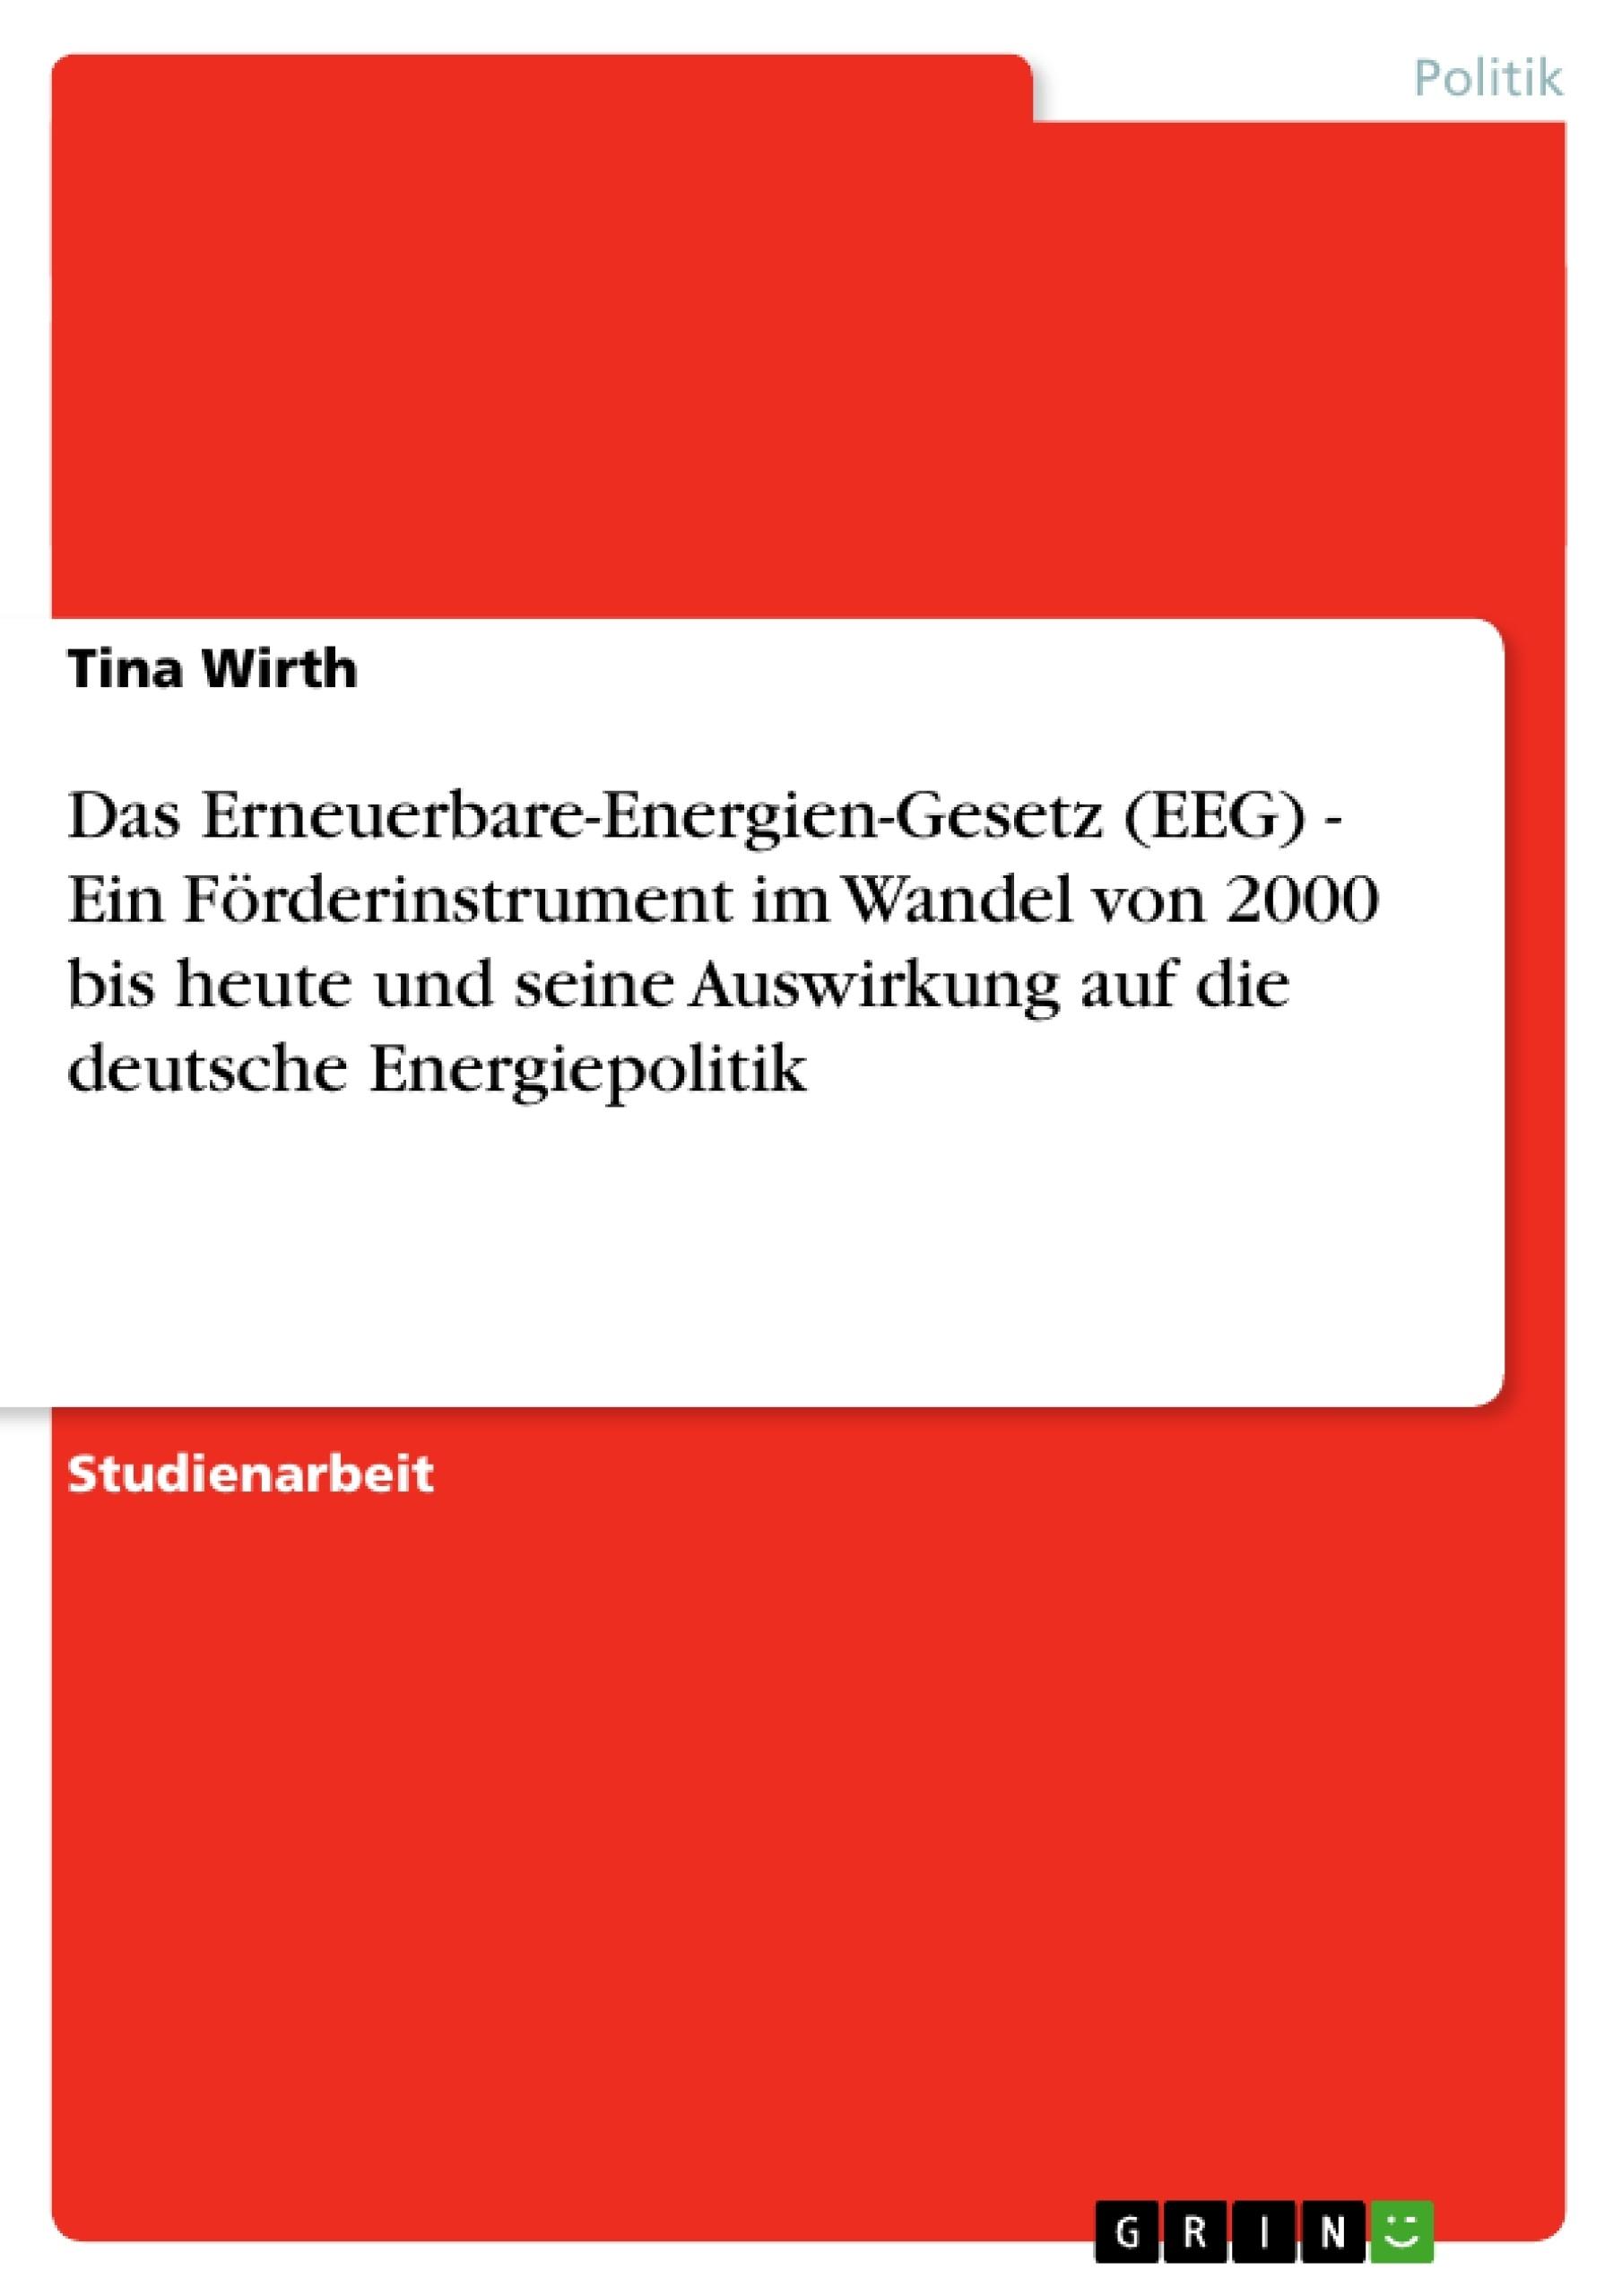 Titel: Das Erneuerbare-Energien-Gesetz (EEG) - Ein Förderinstrument im Wandel von 2000 bis heute und seine Auswirkung auf die deutsche Energiepolitik